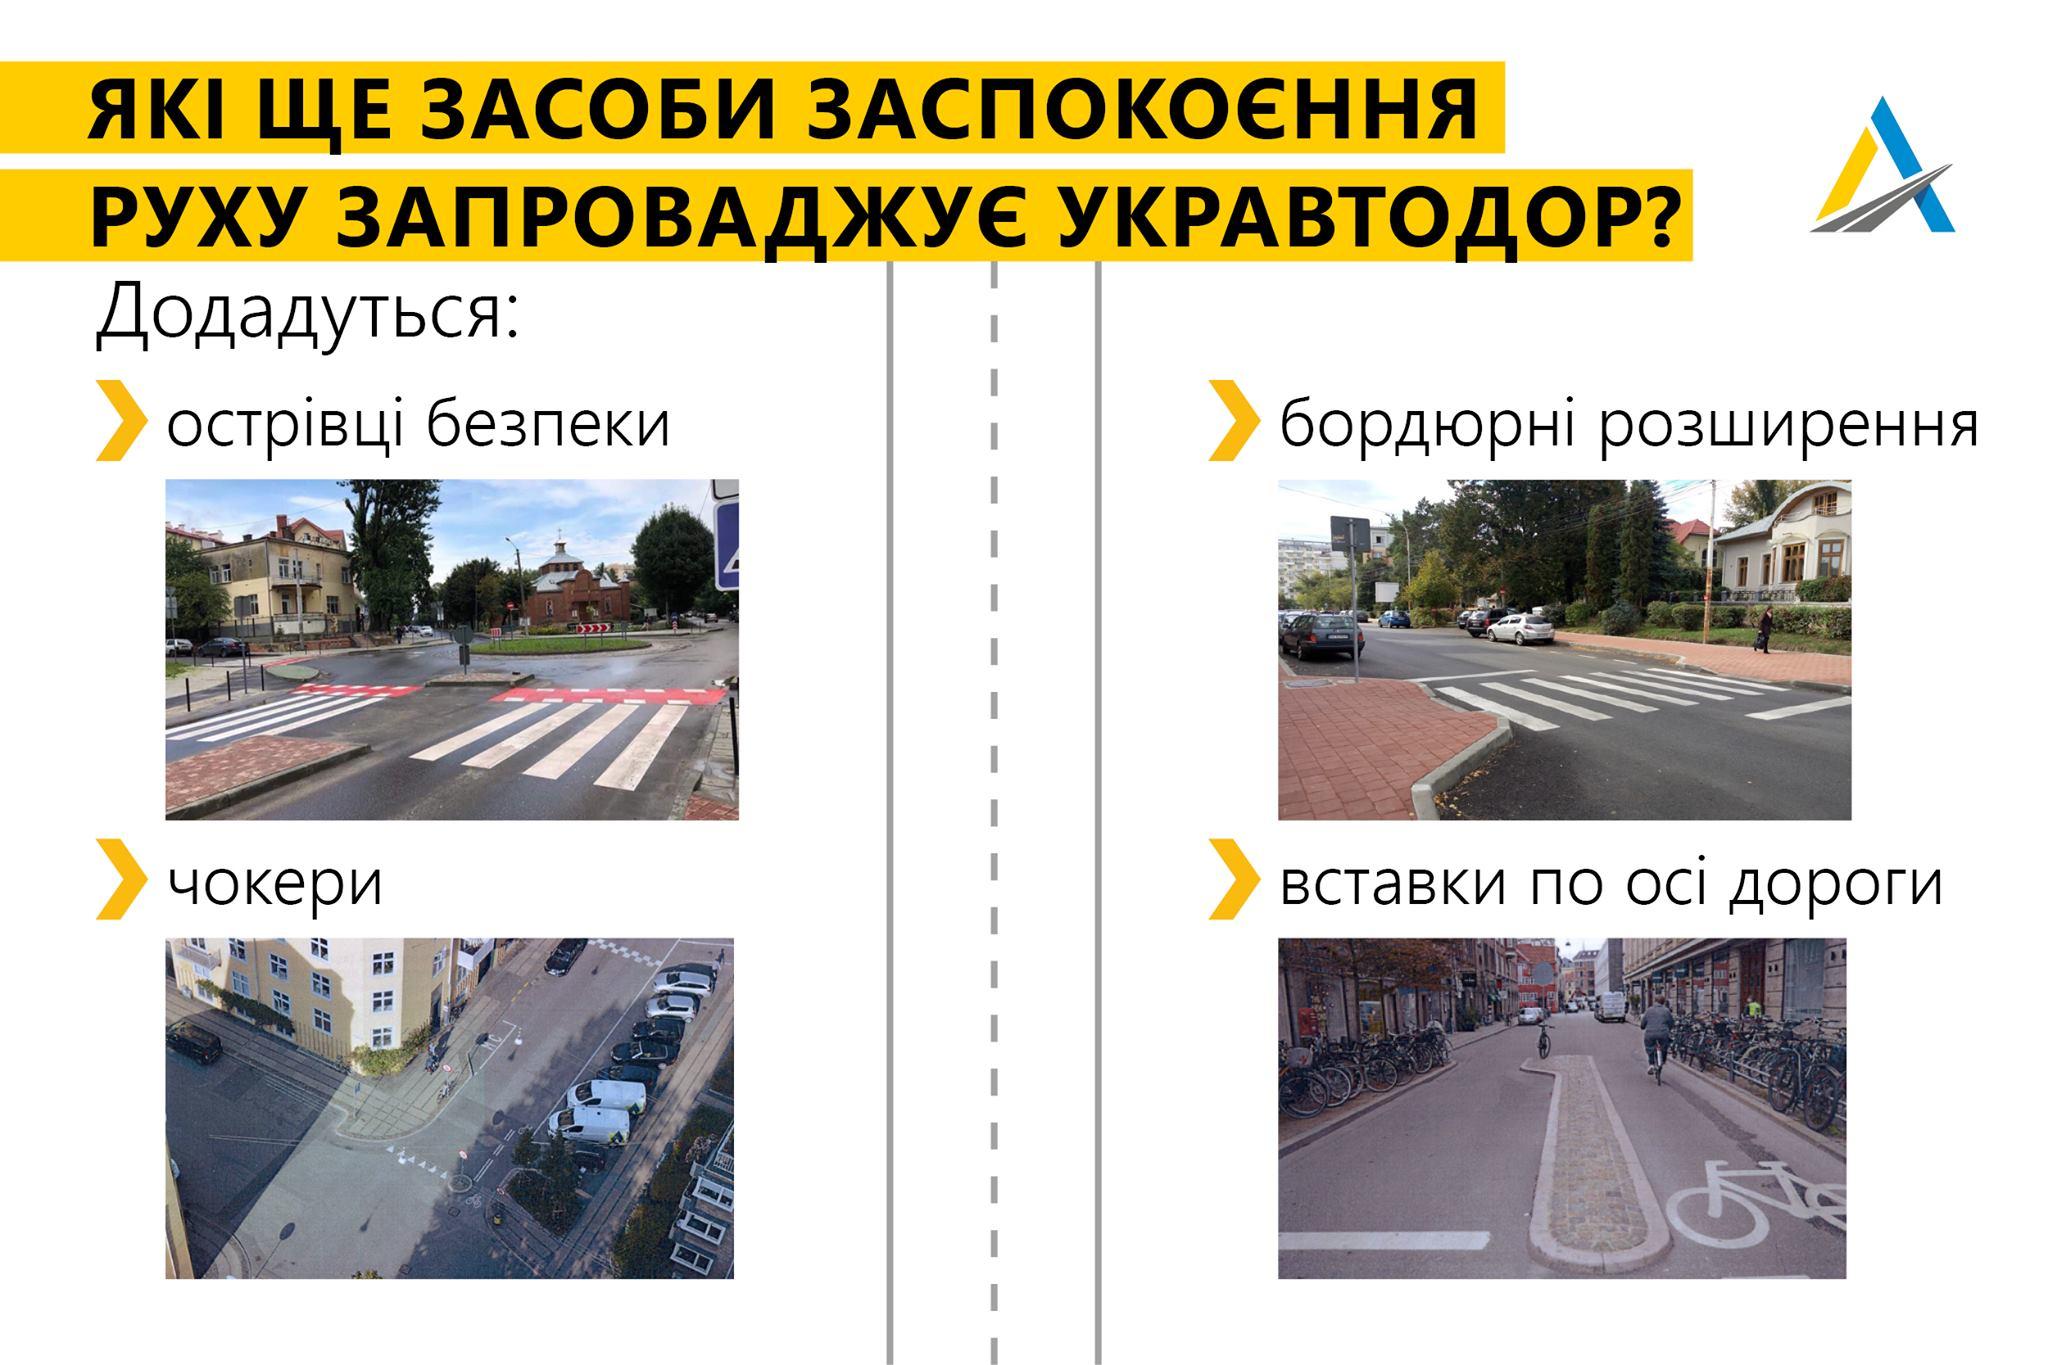 Изображение — «Укравтодор».